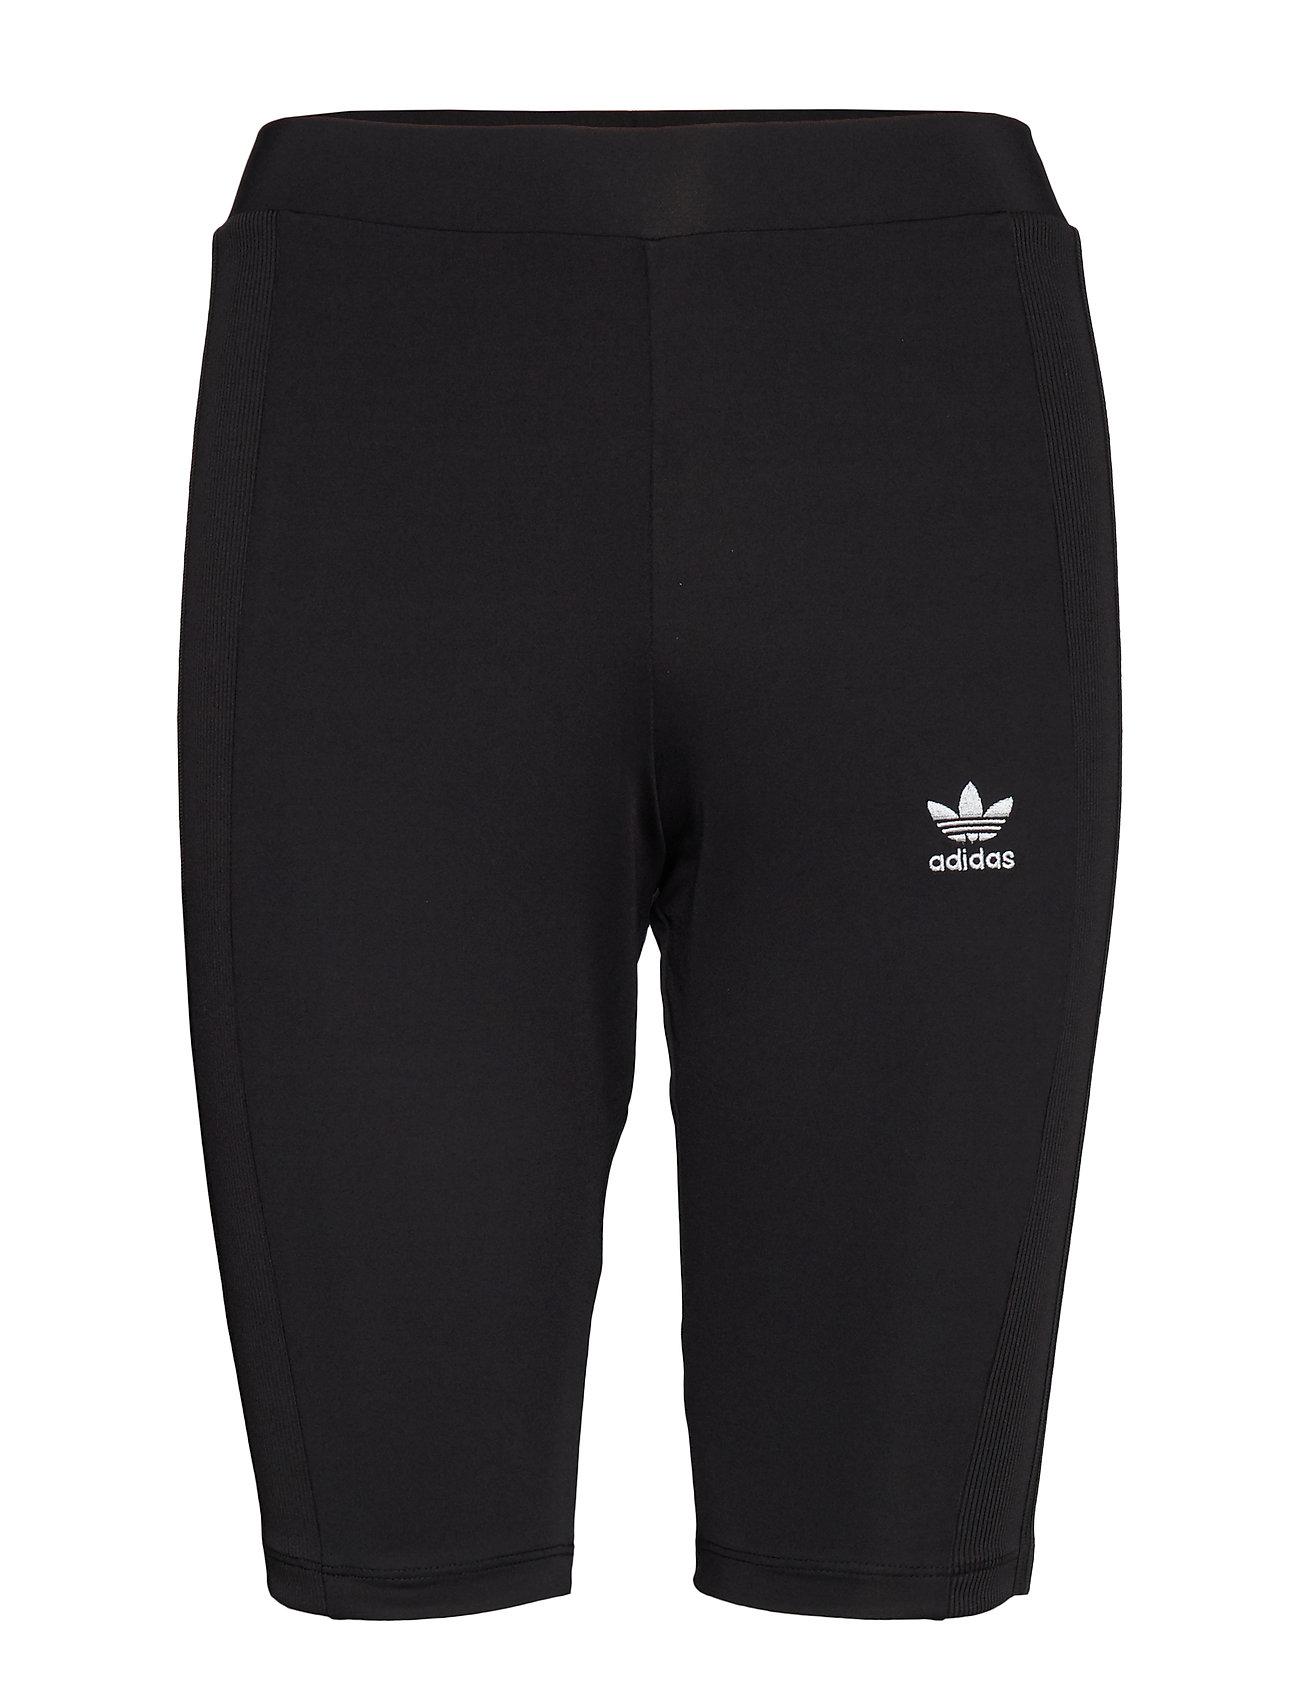 adidas Originals CYCLING SHORTS - BLACK